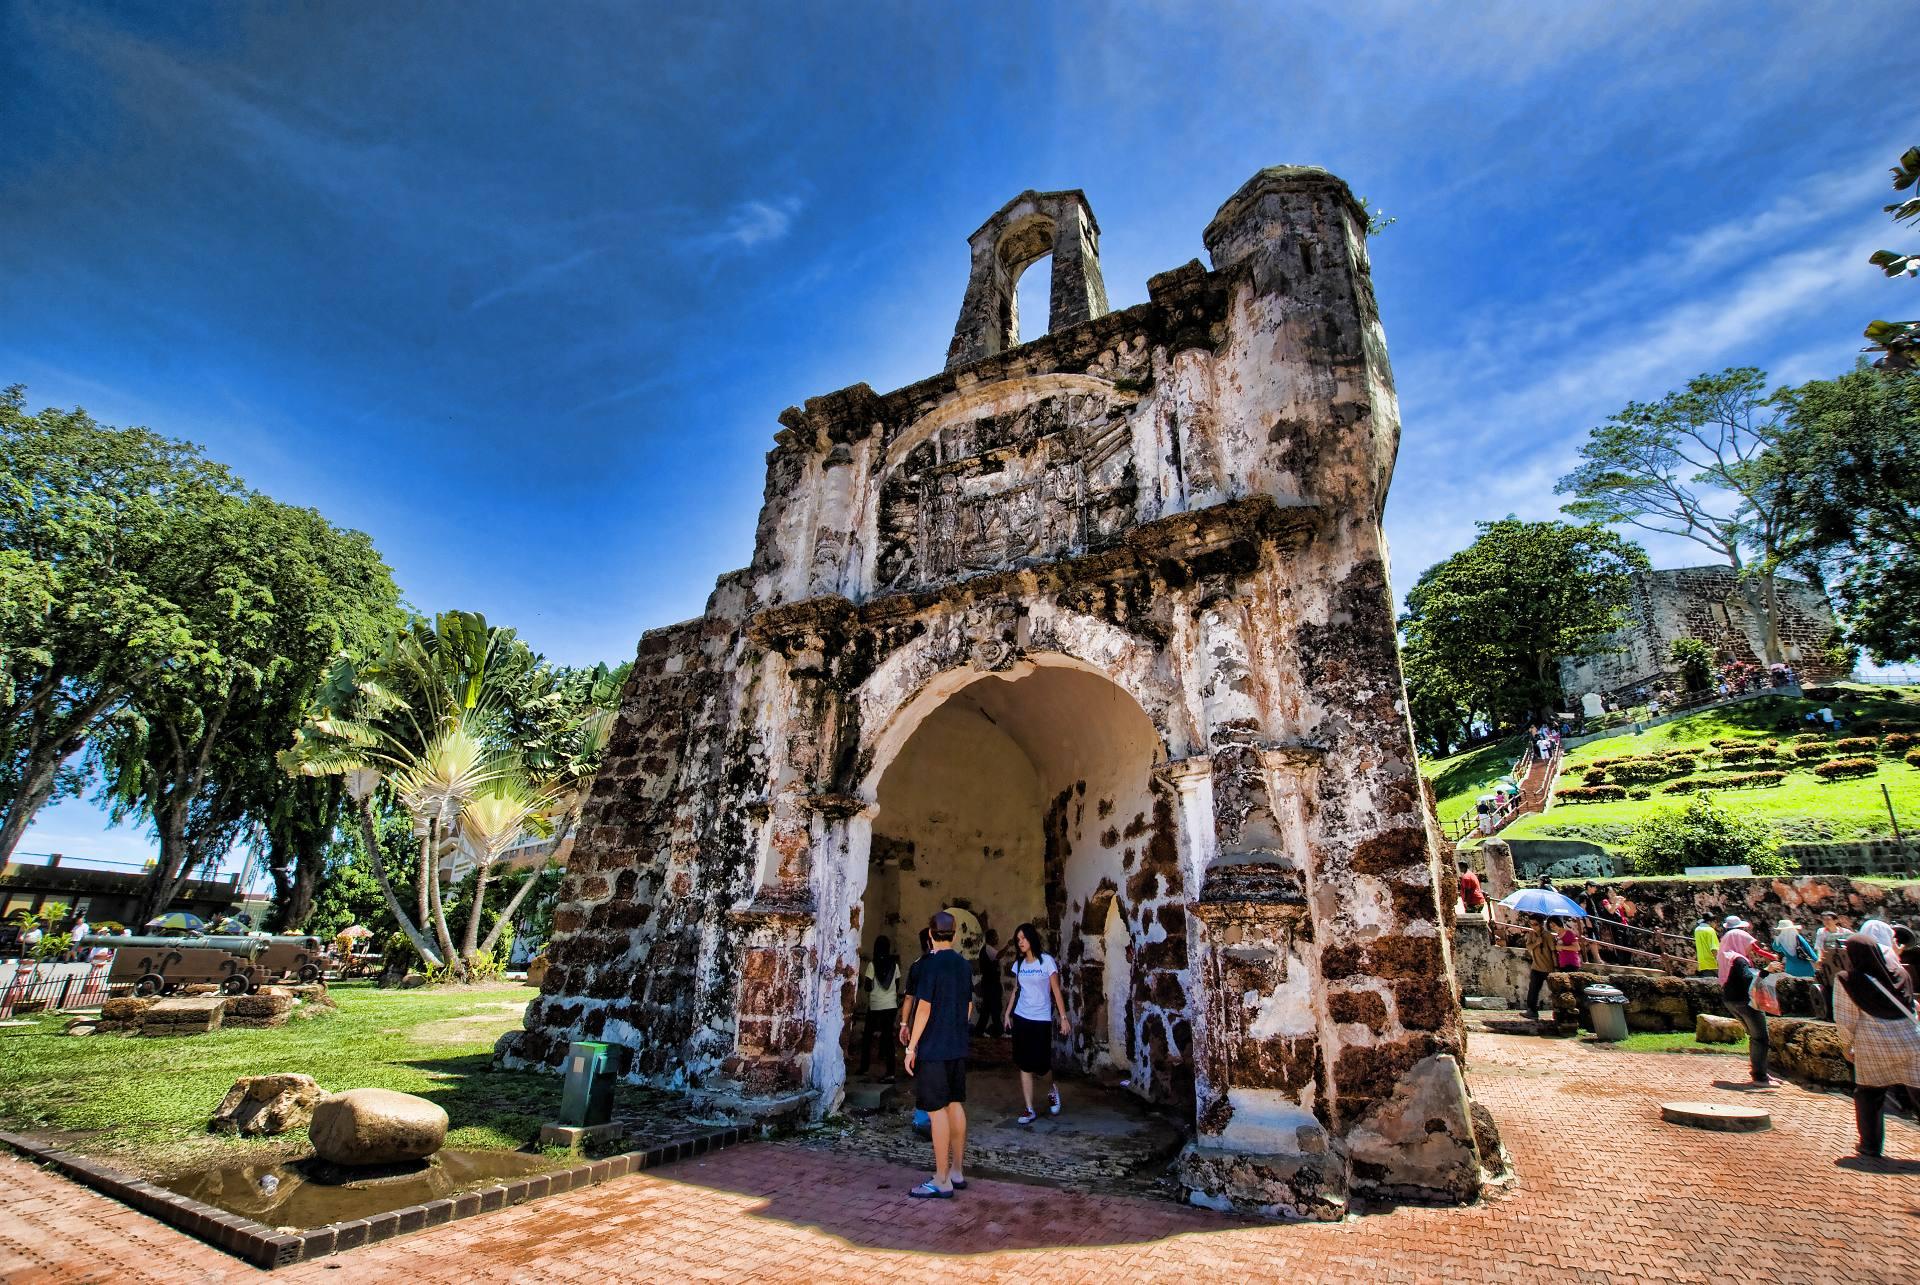 Pháo đài cổ Bồ Đào Nha - A Famosa Malacca